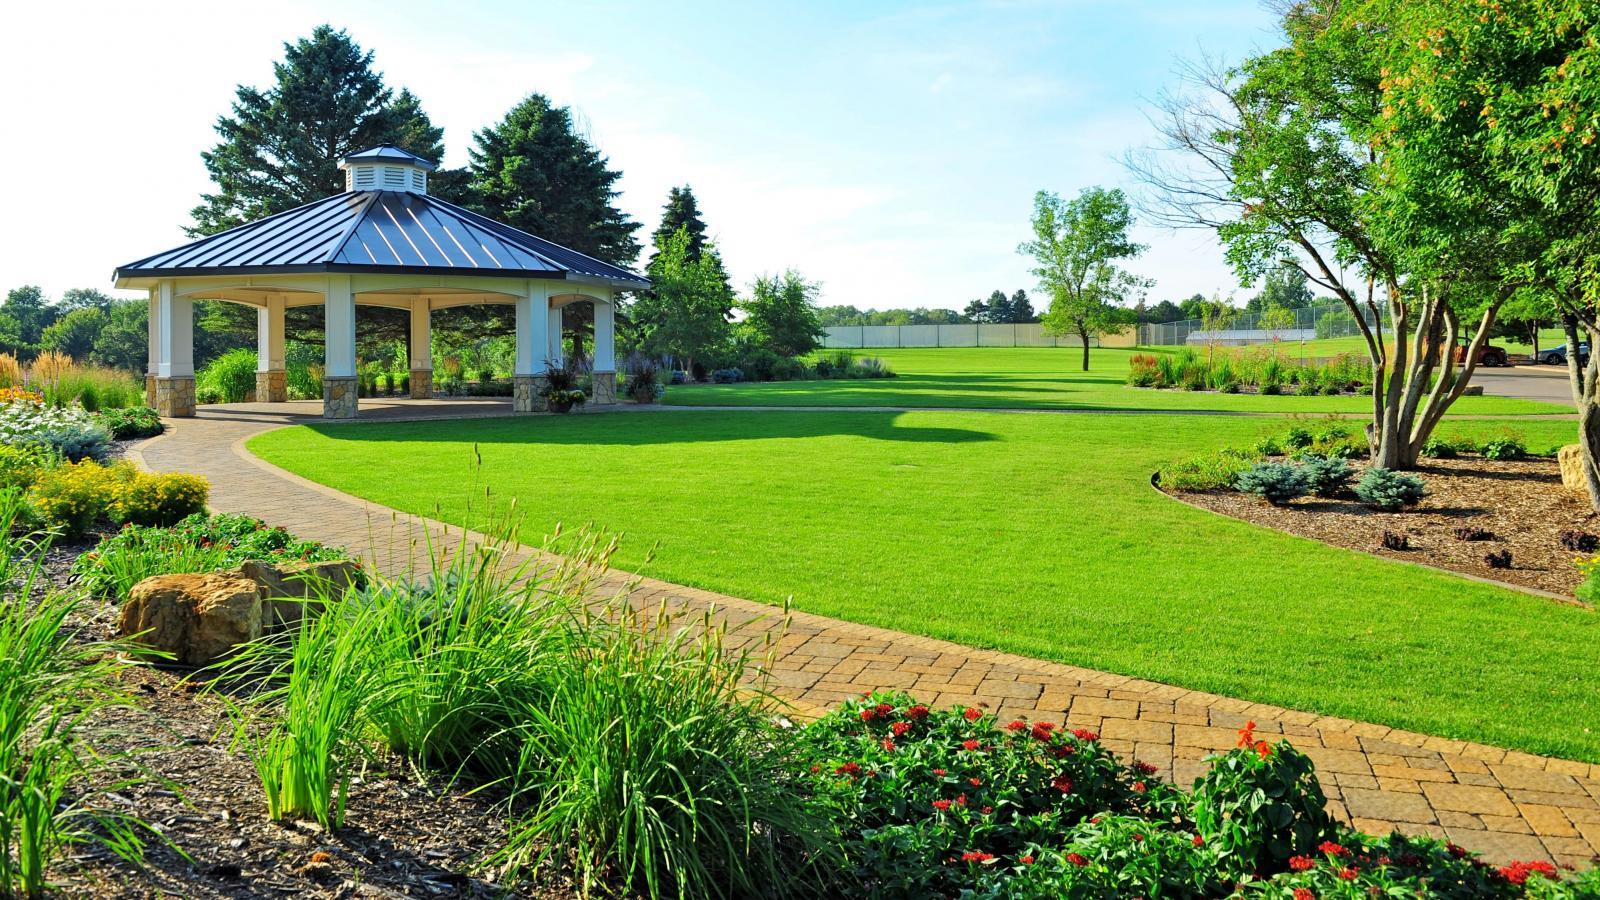 Tartan park golf course book golf online golfscape - Golf cart rentals garden city sc ...